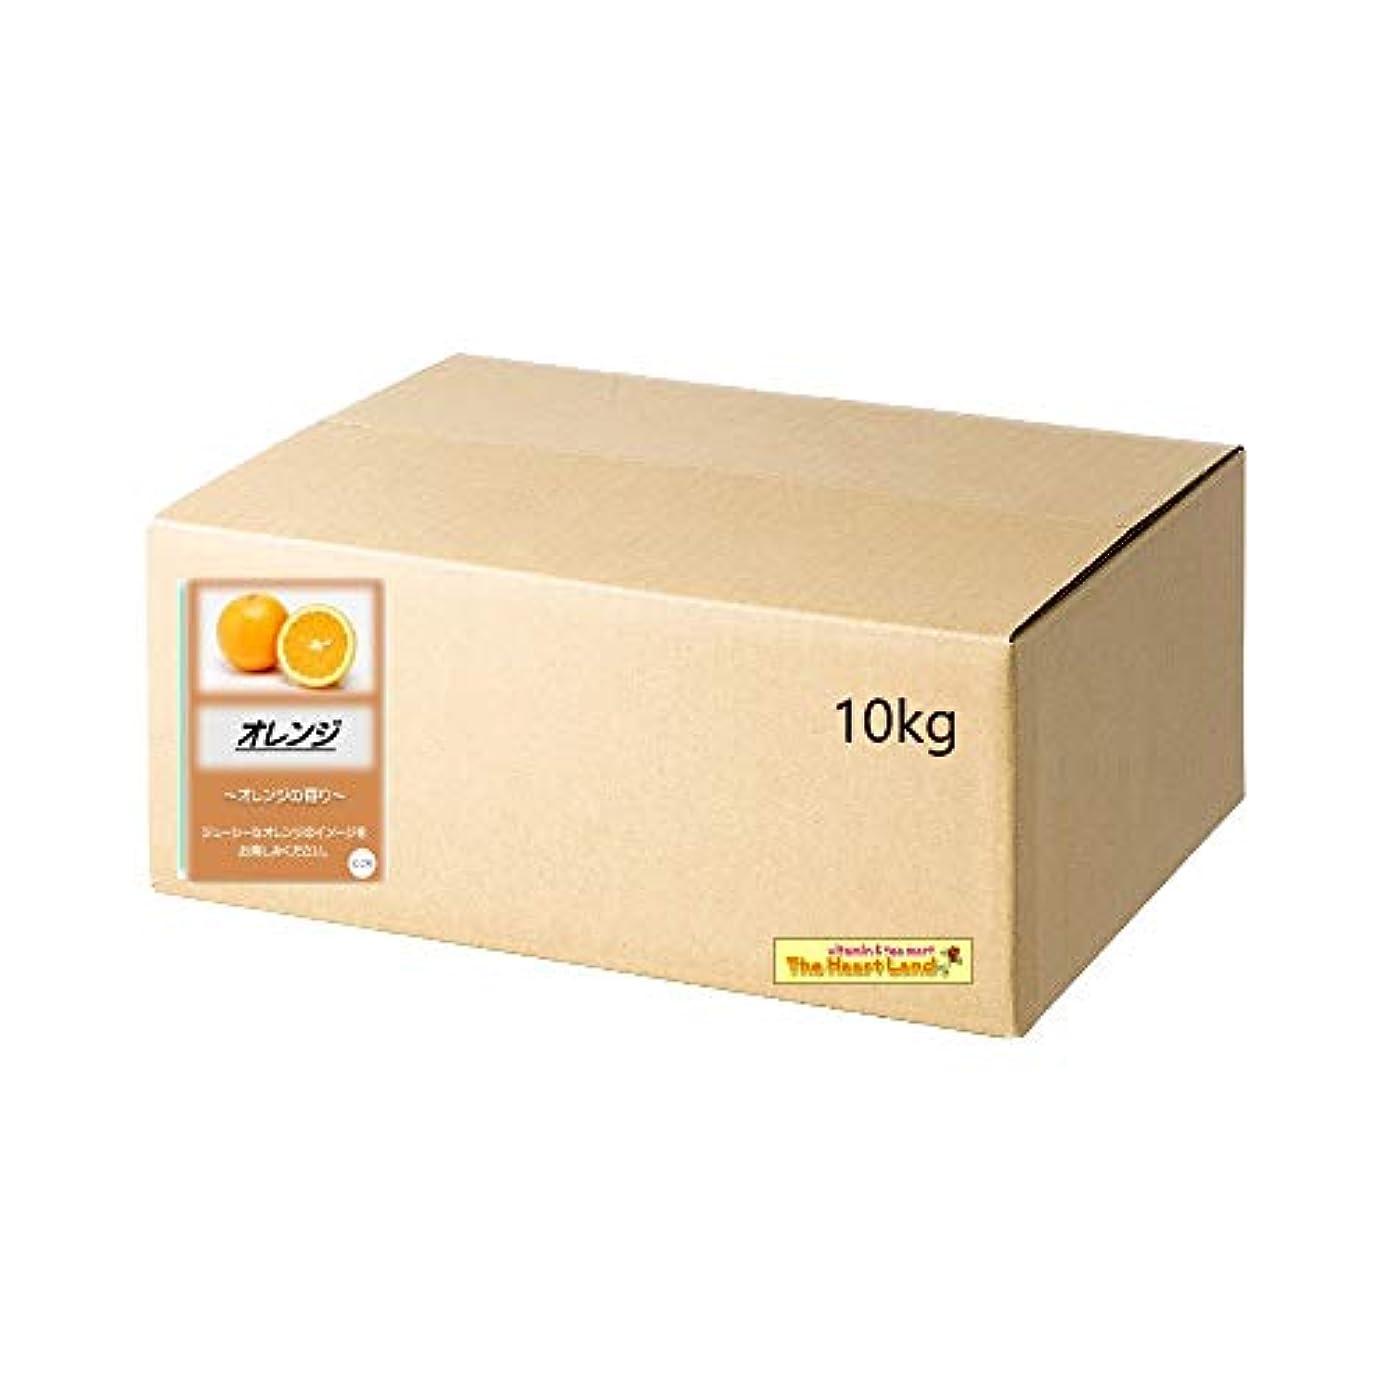 統合乱闘管理アサヒ入浴剤 浴用入浴化粧品 オレンジ 10kg